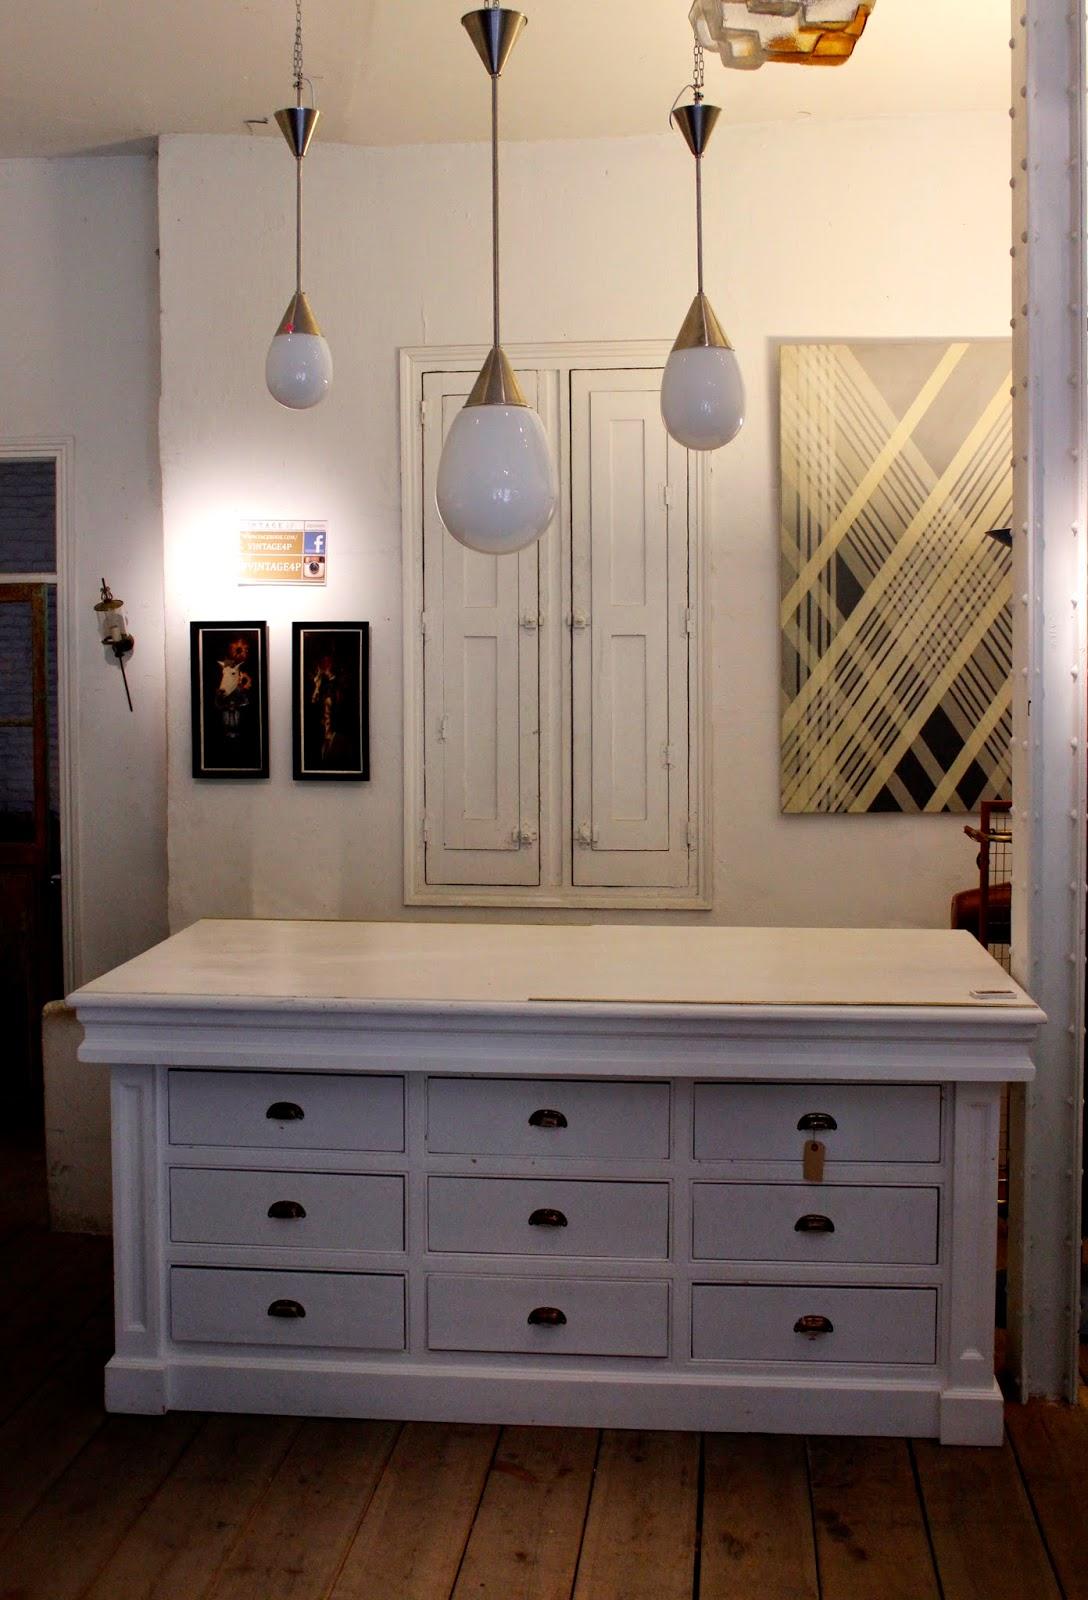 Muebles Y Decoracion Madrid Trendy Muebles De Comedor With  # Muebles Muy Baratos